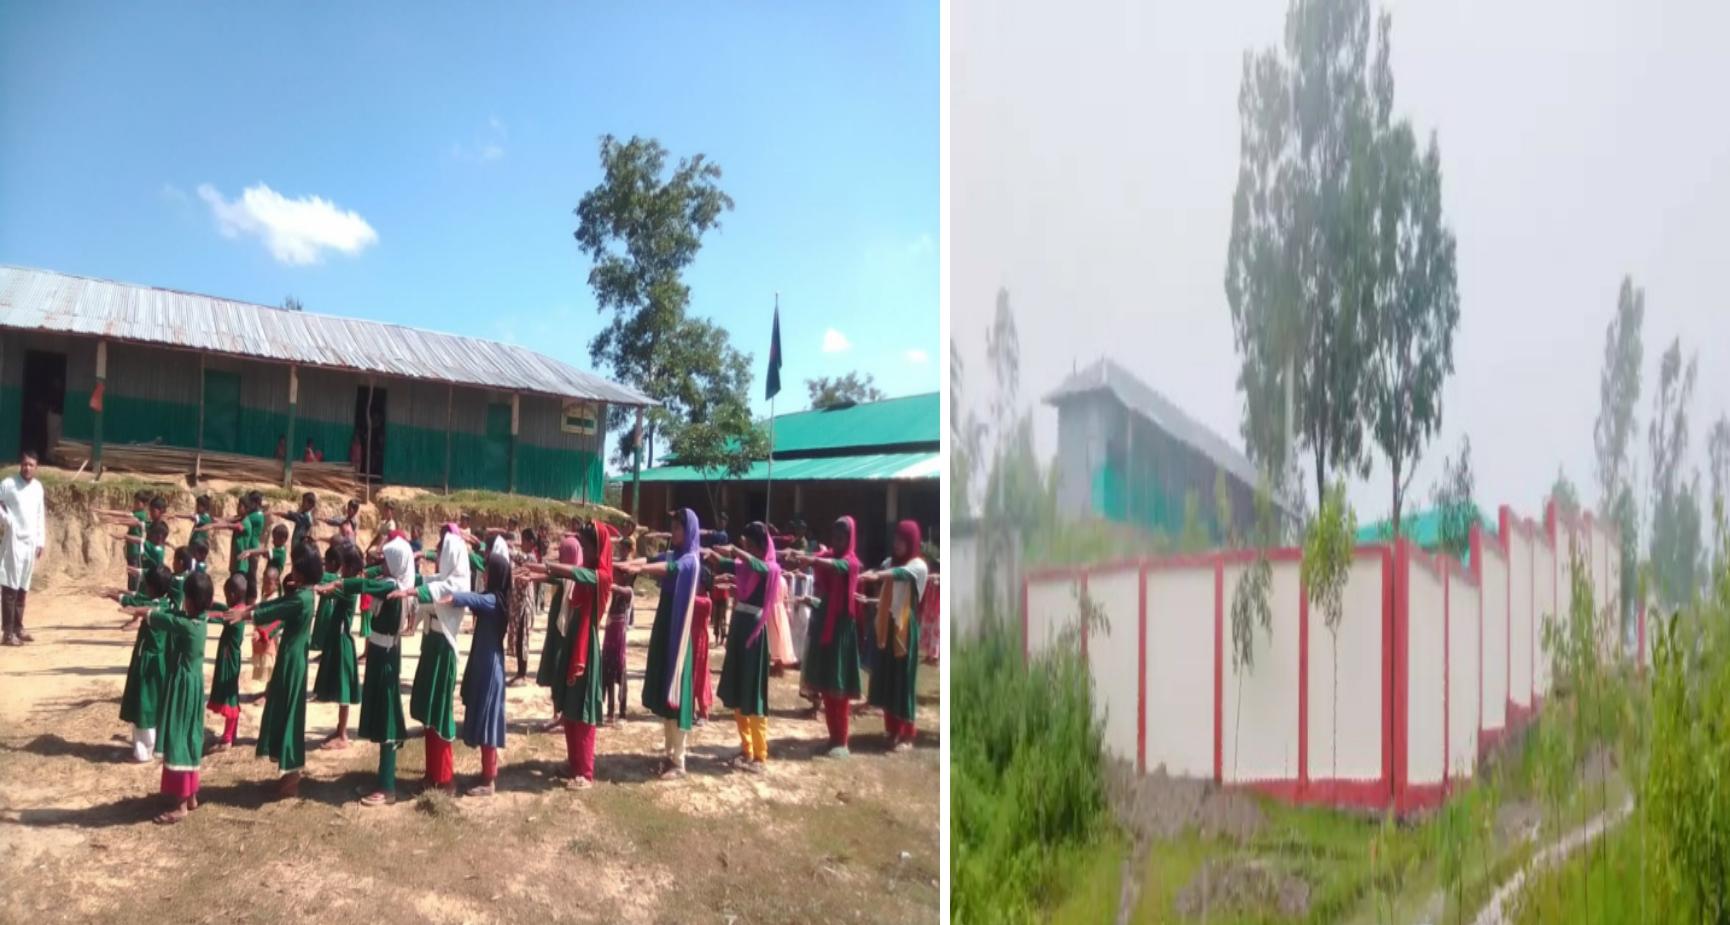 লামার ধুইল্যাপাড়া বিদ্যালয়টি পাহাড়ে শিক্ষায় অবদান রাখলেও নেই পর্যাপ্ত শ্রেণীকক্ষ, শিক্ষকদের বেতন